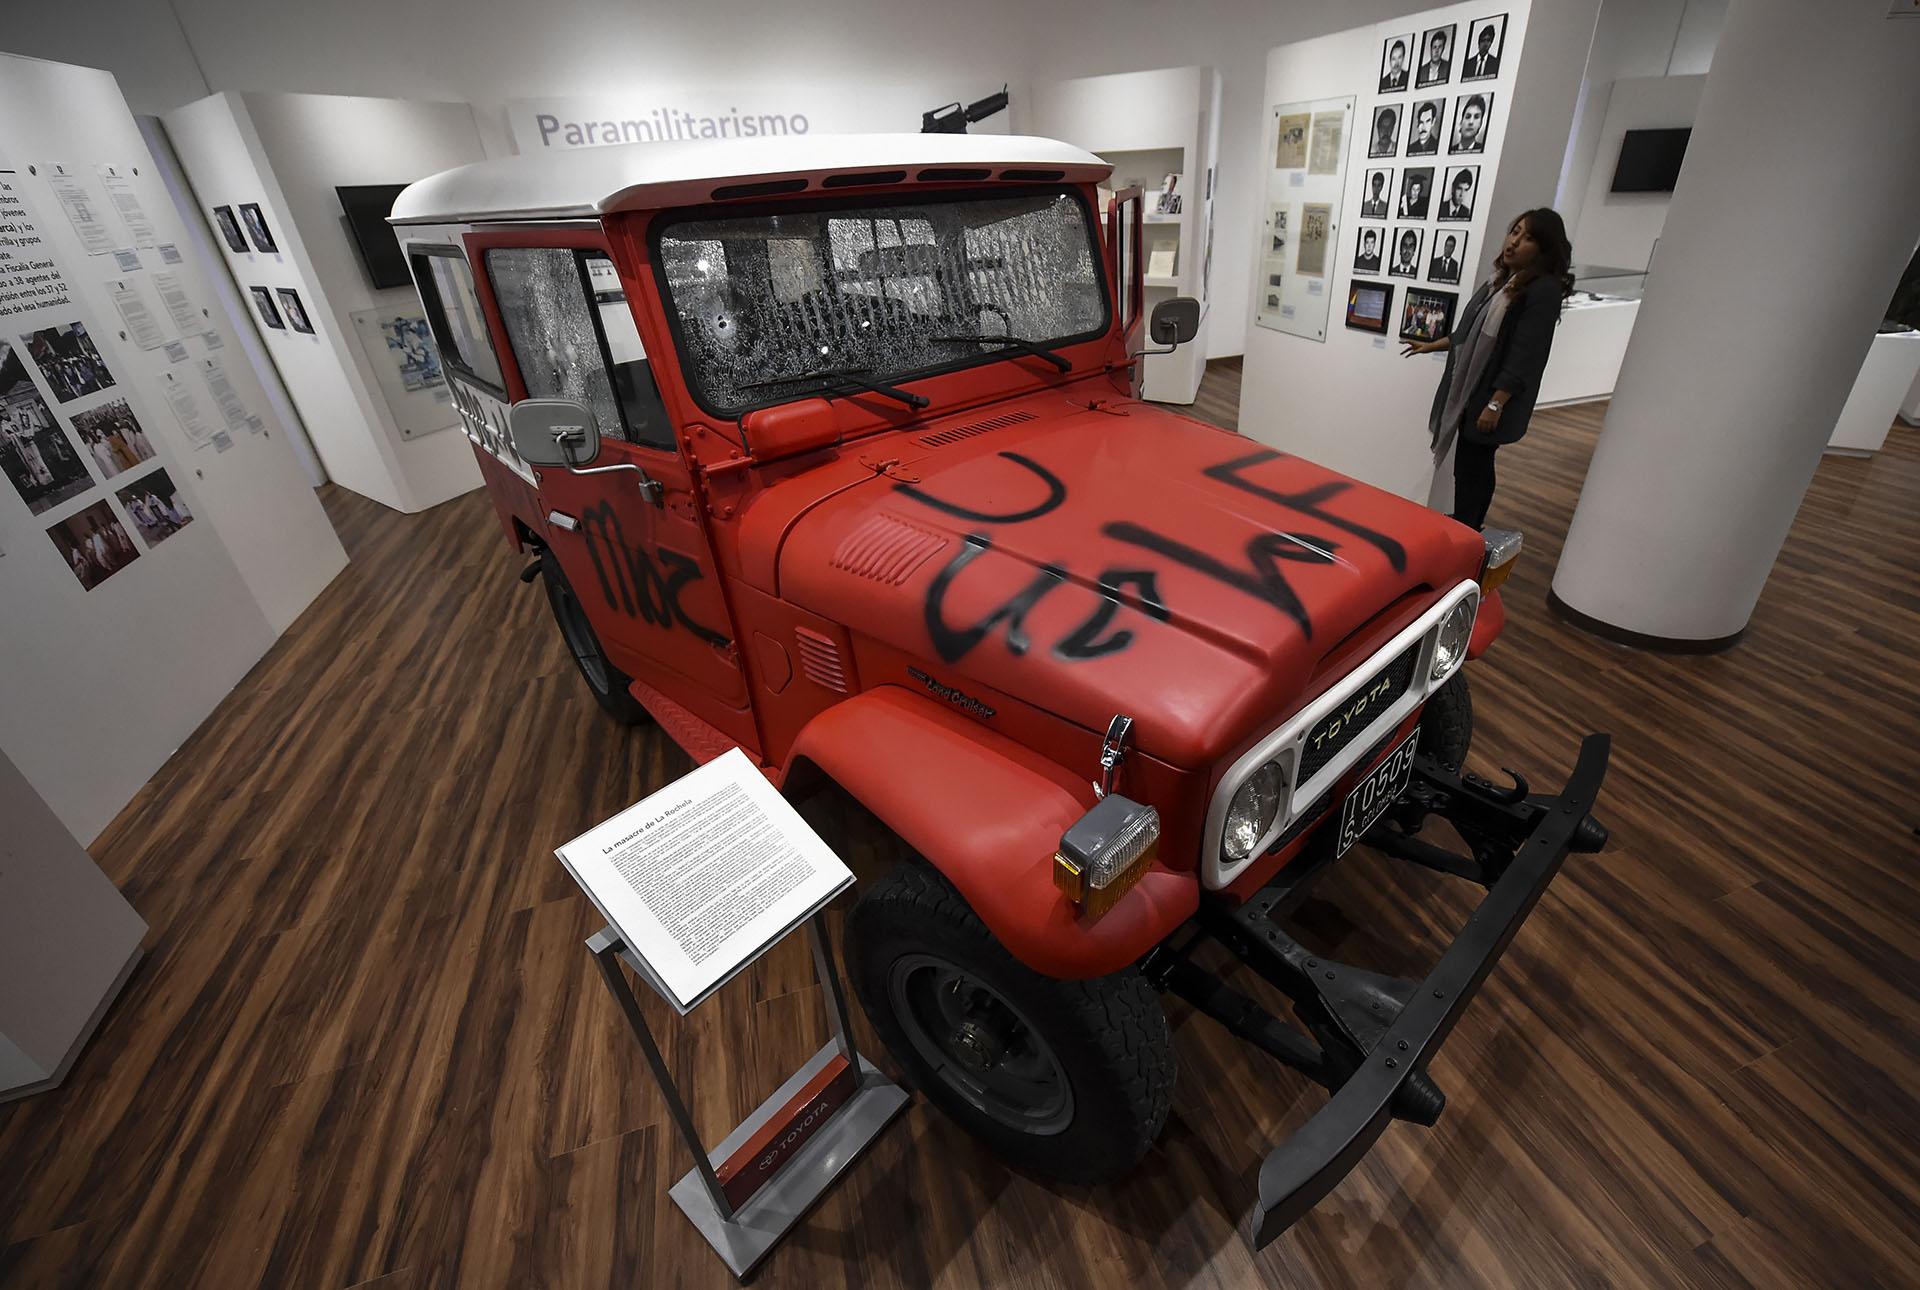 La 4×4 Toyota usada durante la Masacre de La Rochela el 18 de enero de 1989 perpretada por un grupo paramilitar en la cual murieron 12 de los 15 oficiales que investigaban crímenes en el municipio de Simacota, Santander (AFP)